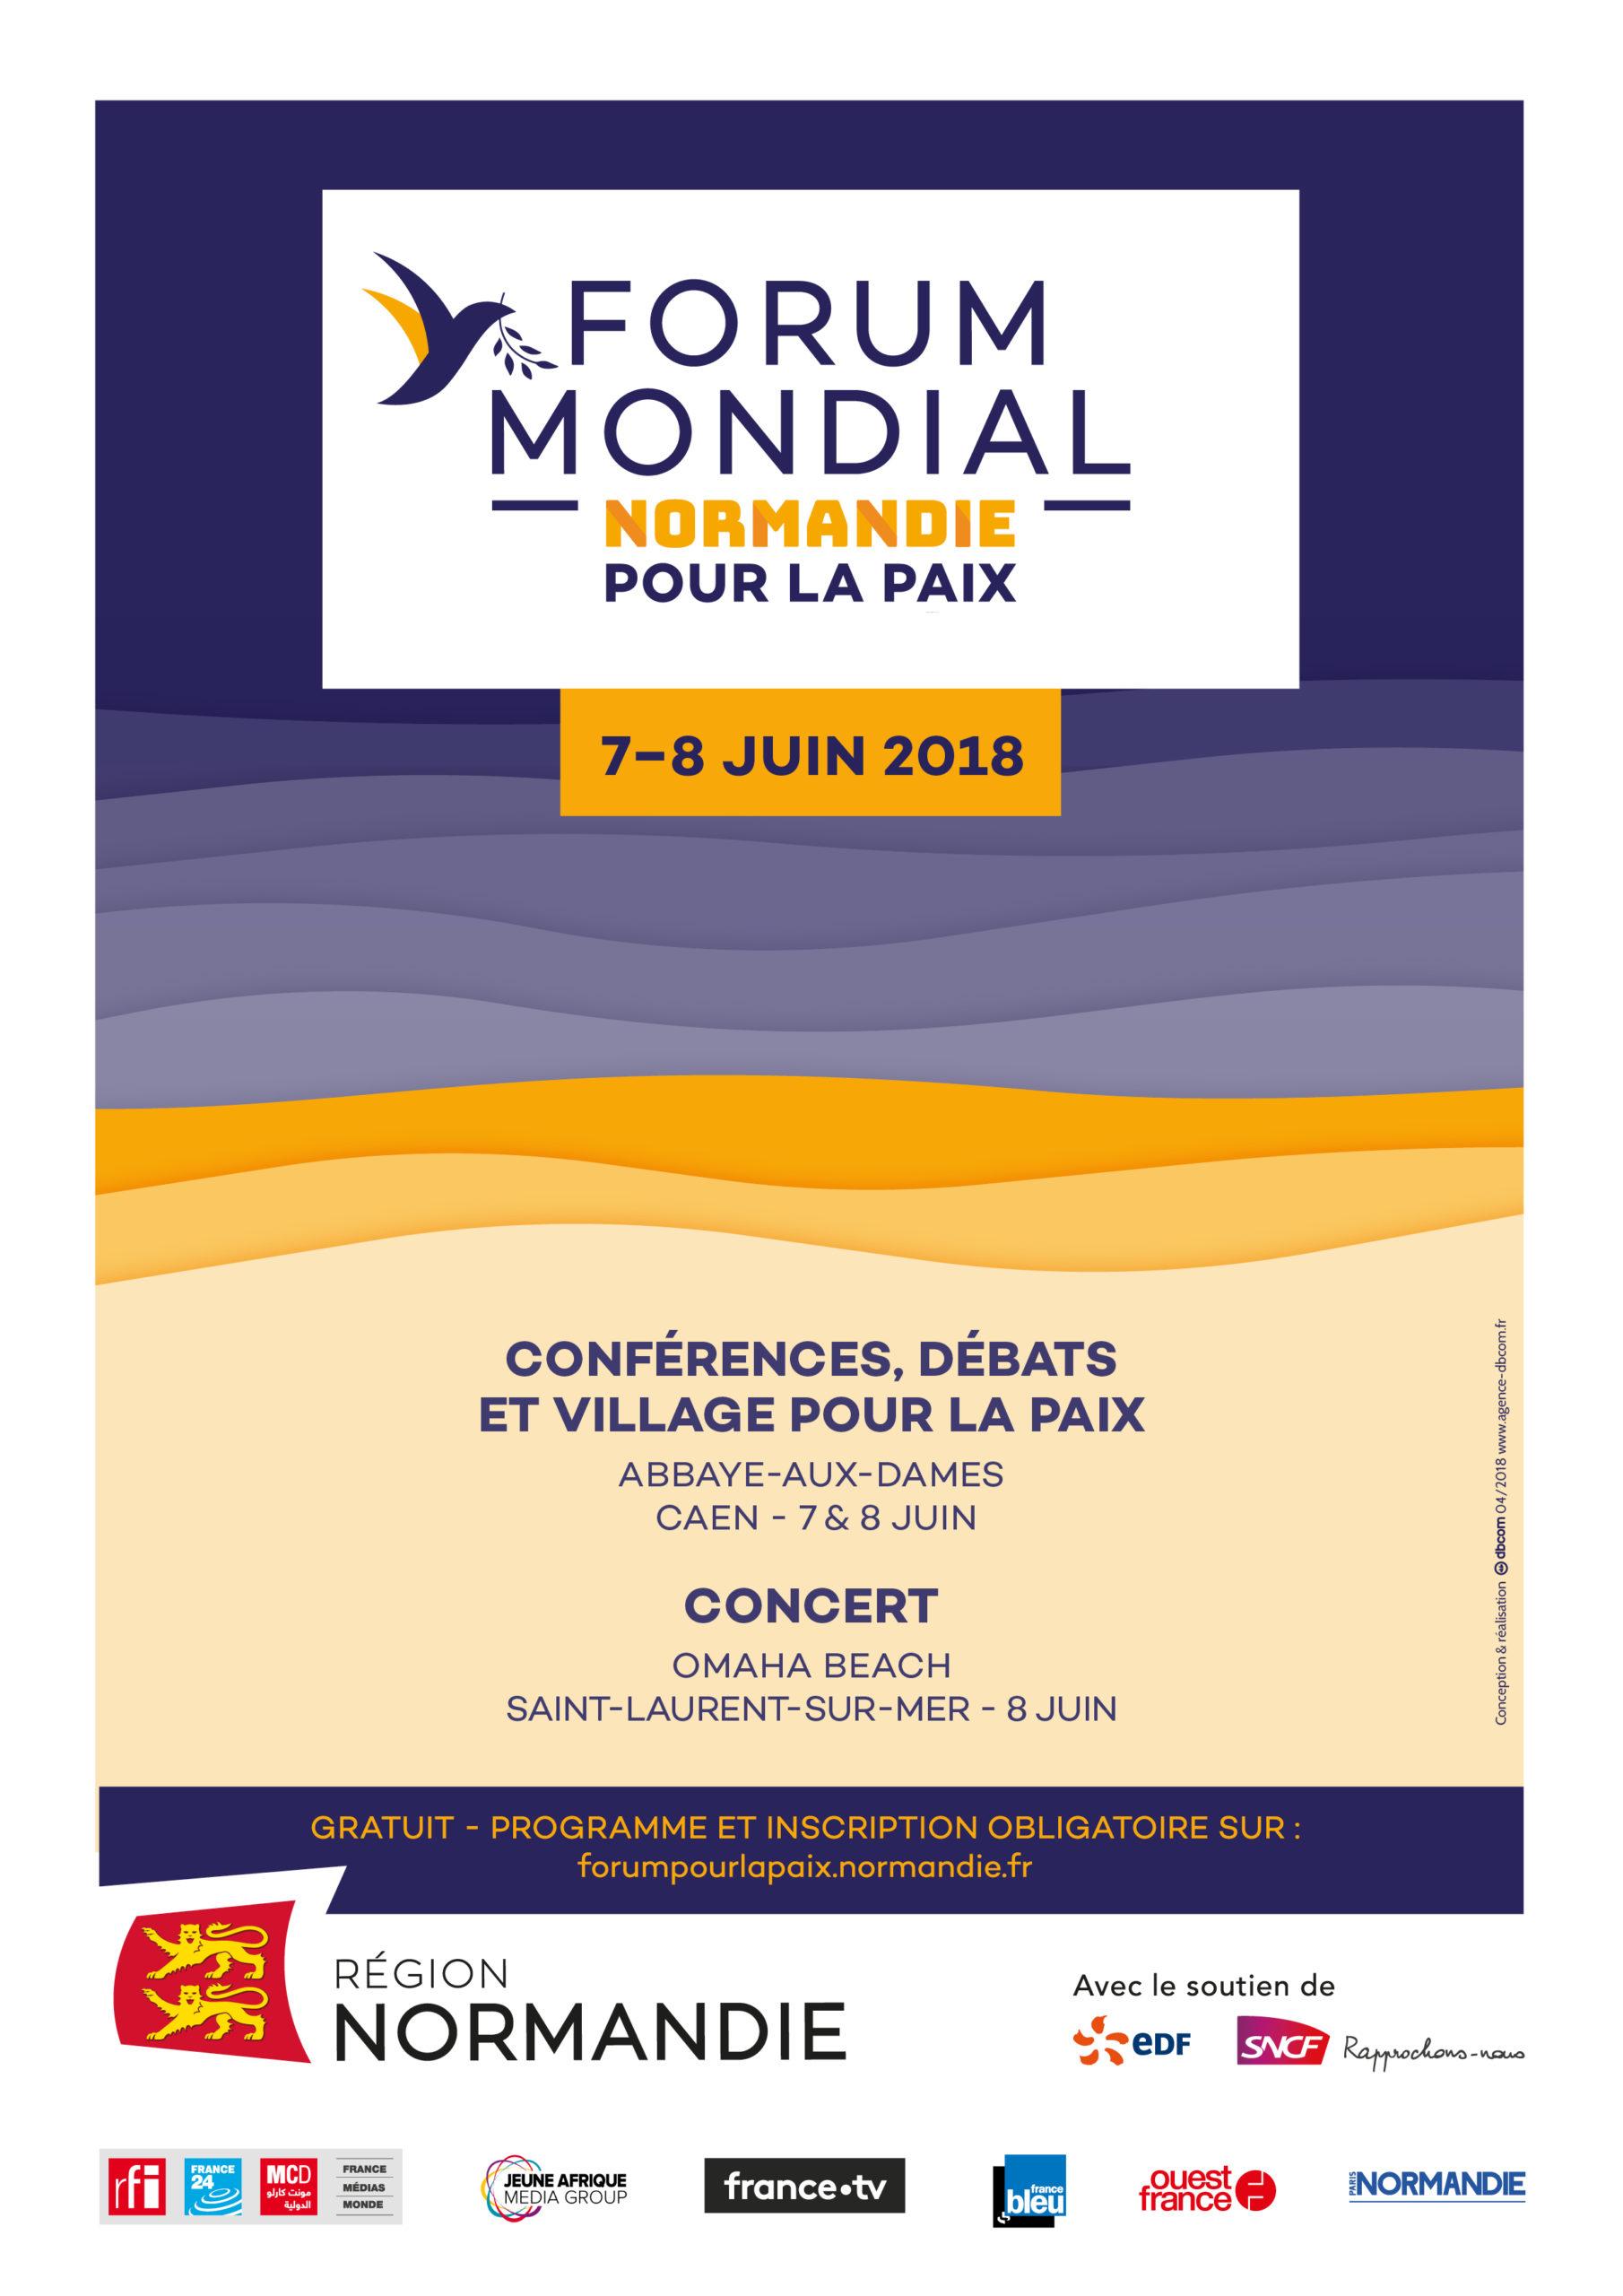 Forum Mondial pour la Paix/Région Normandie